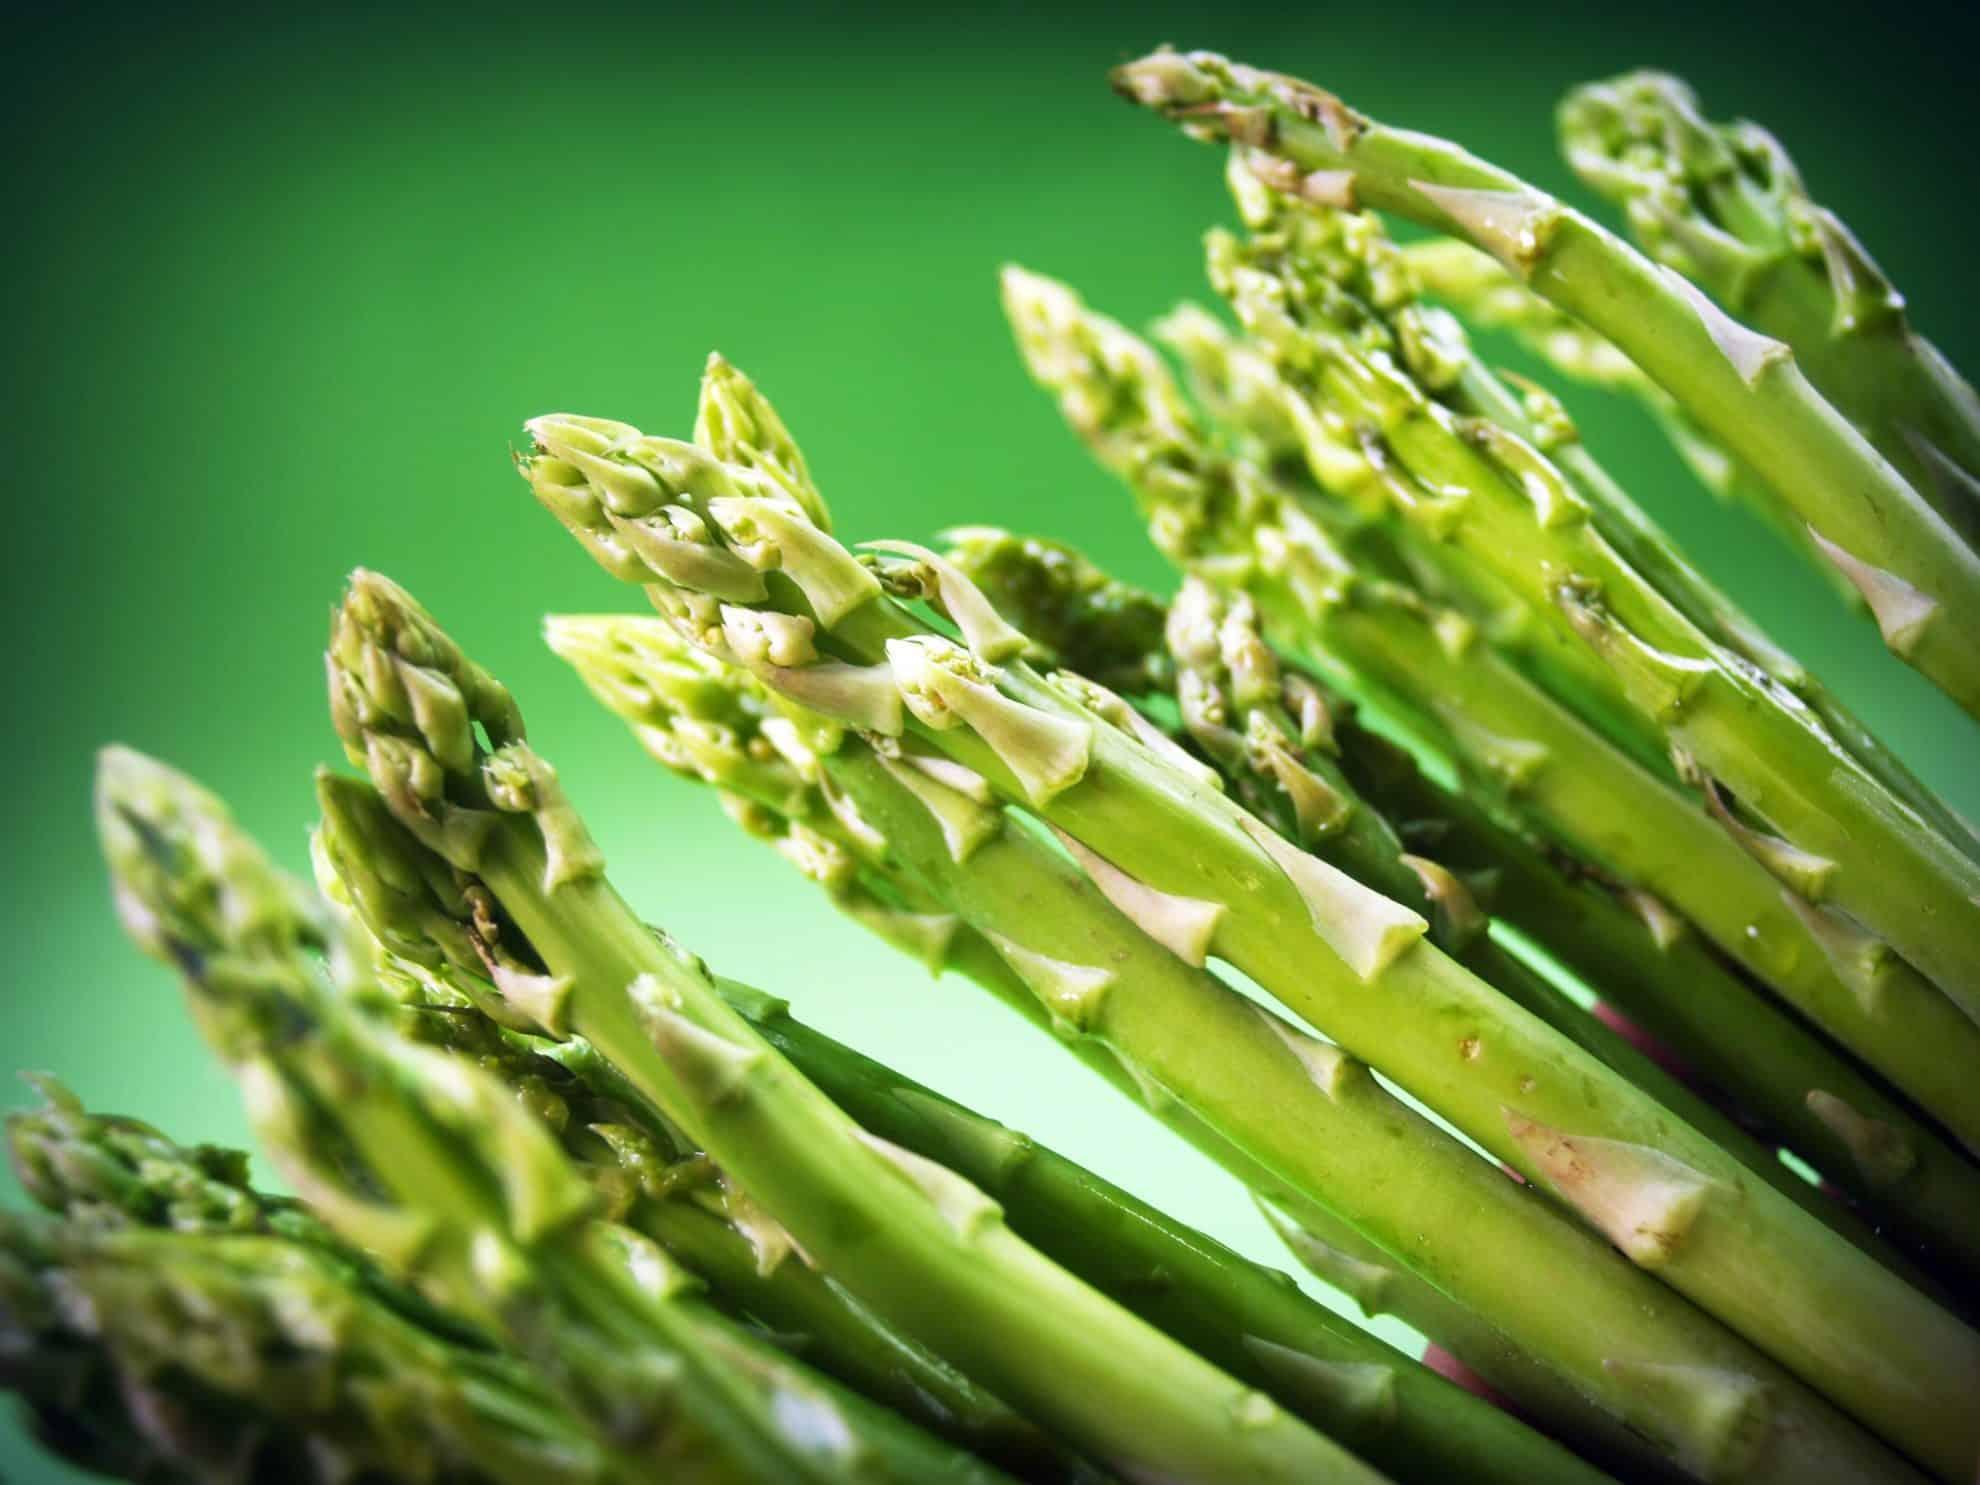 Przesilenie wiosenne – co jeść i jak wspomagać organizm właściwym odżywianiem?